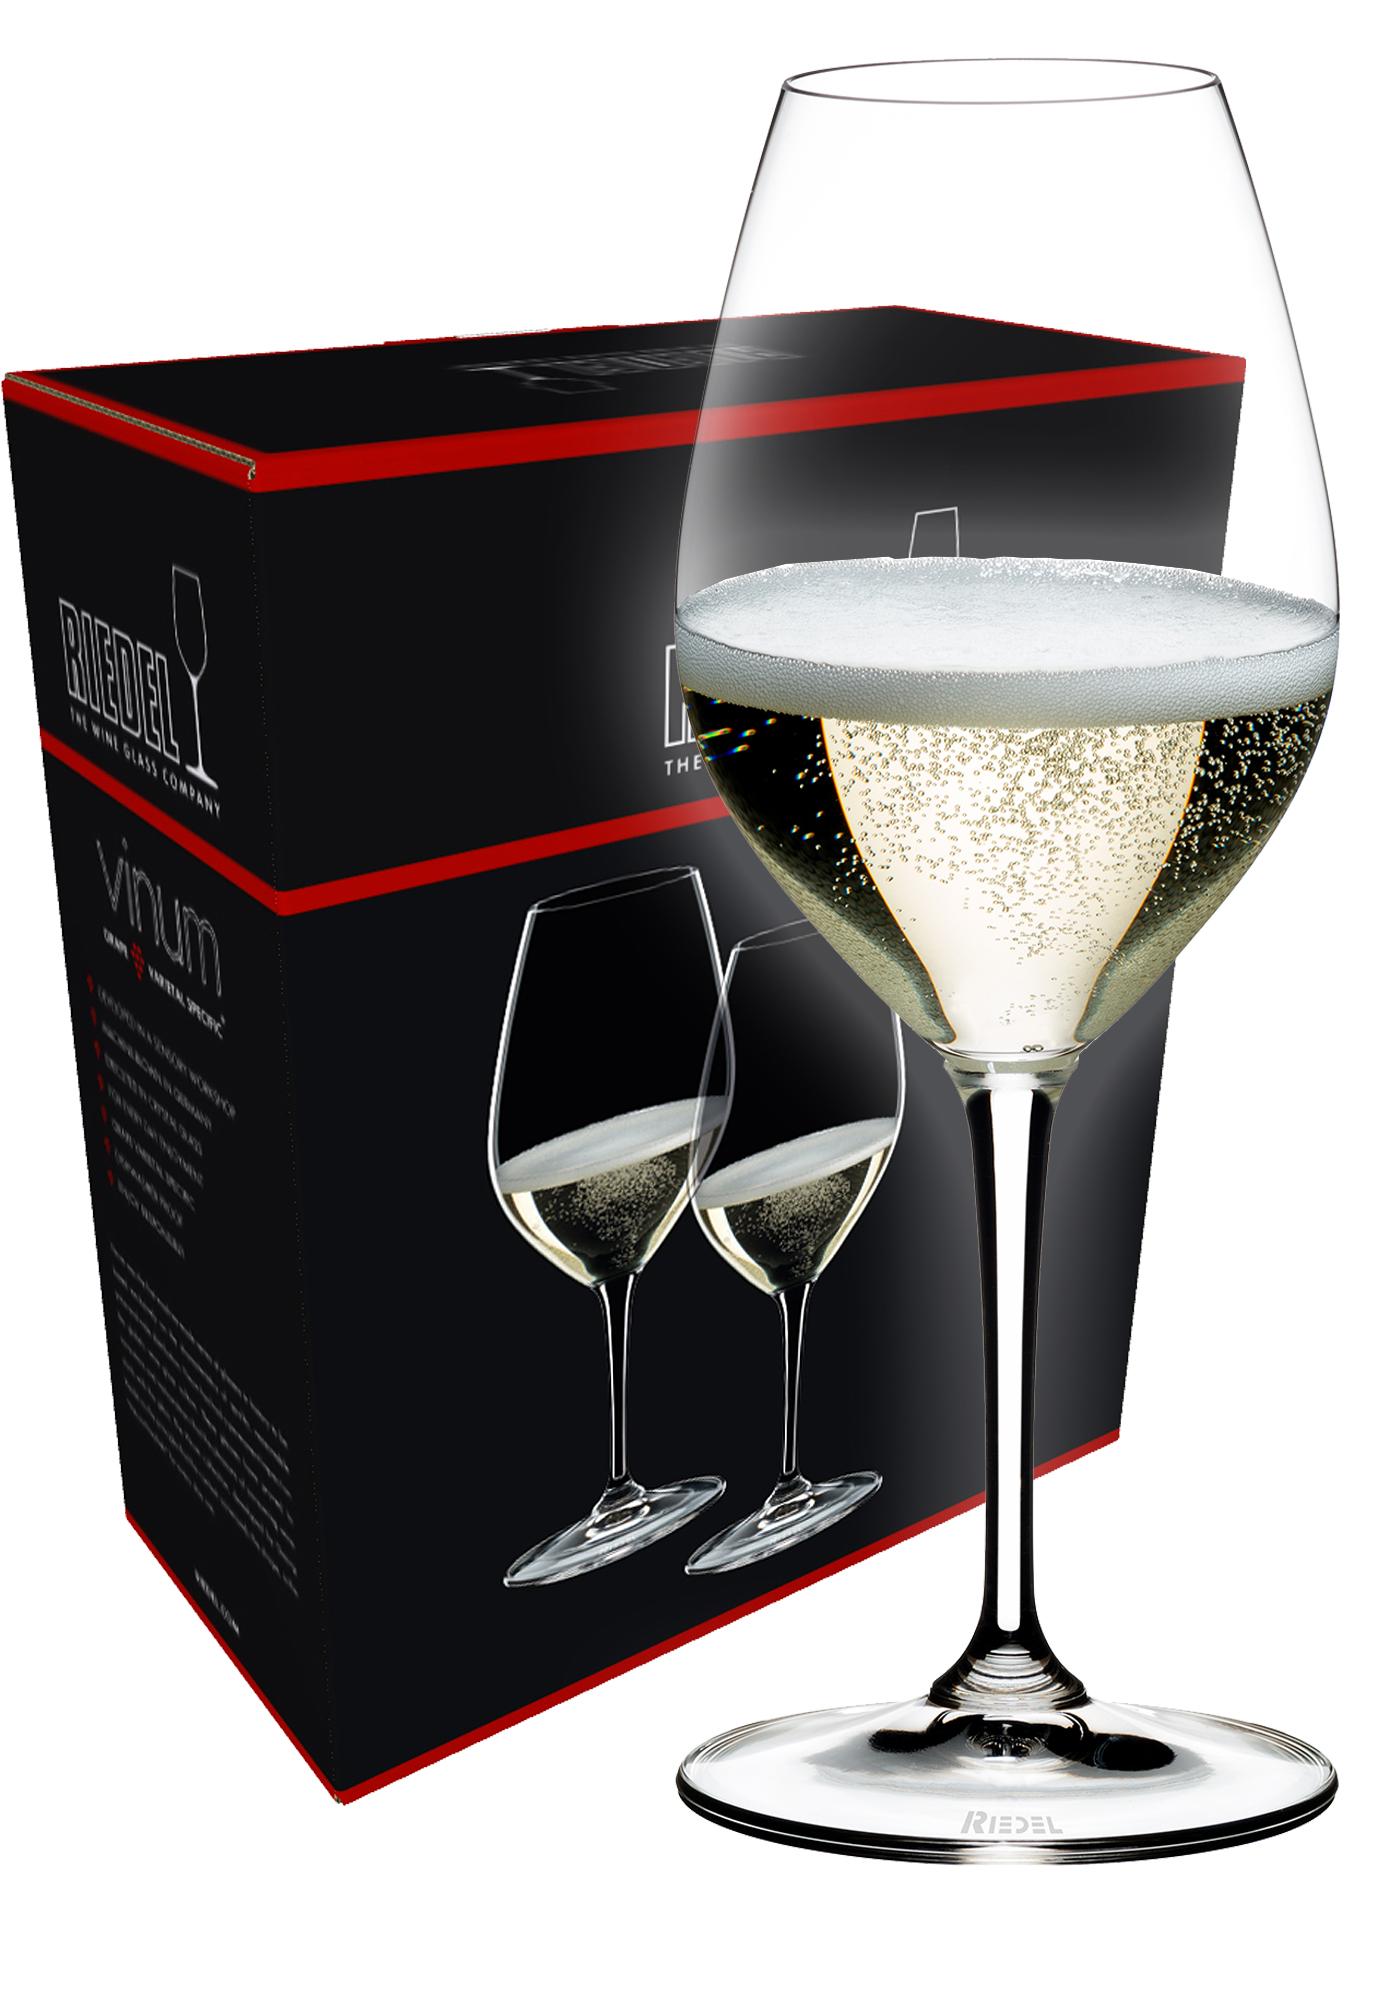 Riedel Vinum Champagne wijnglas (set van 2 voor € 44,90)